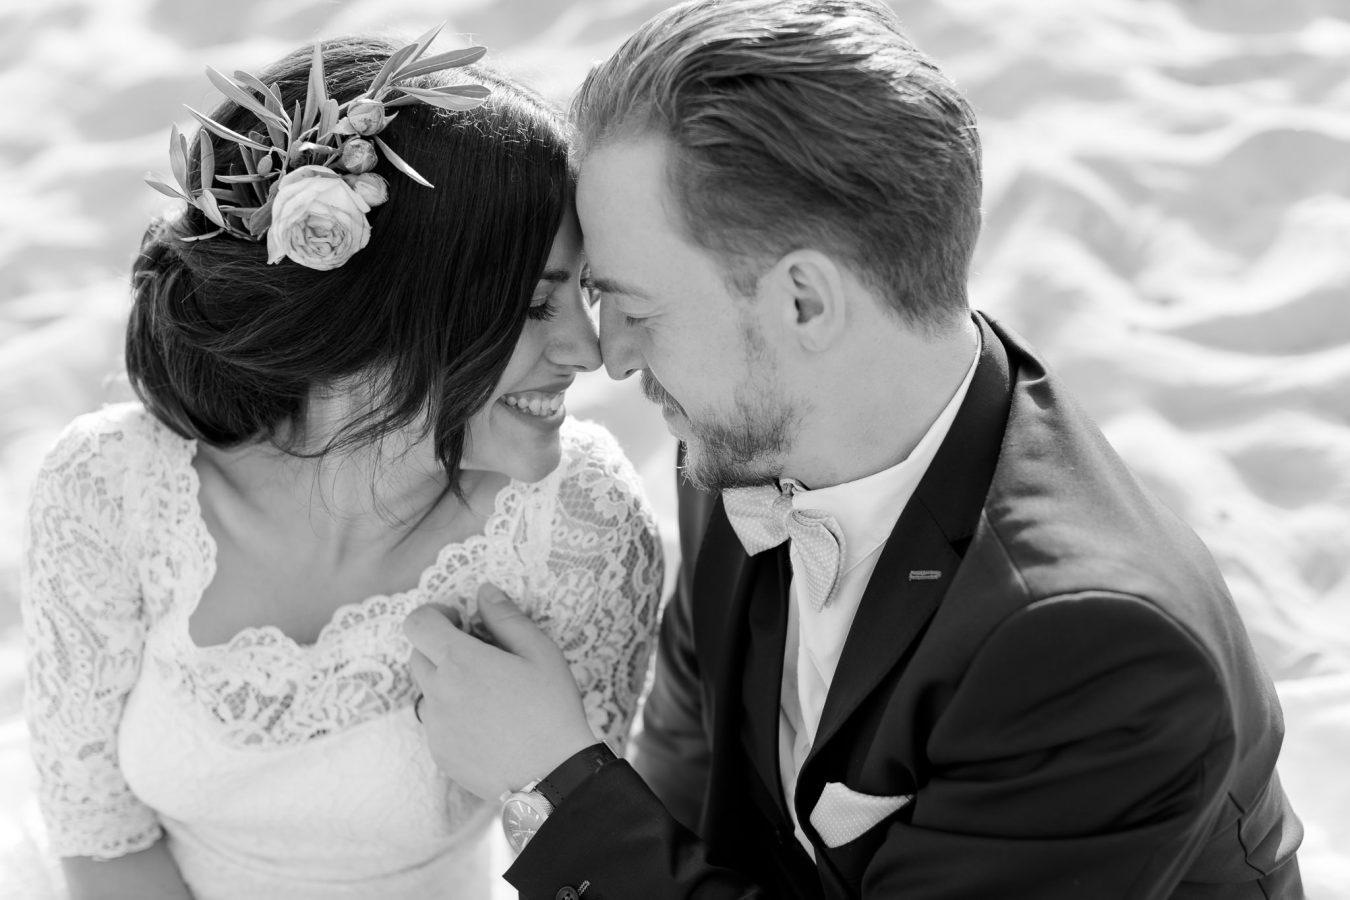 Hochzeitsfotograf Hamburg - Brautpaar schmiegt die Köpfe aneinander und hat die Augen geschlossen